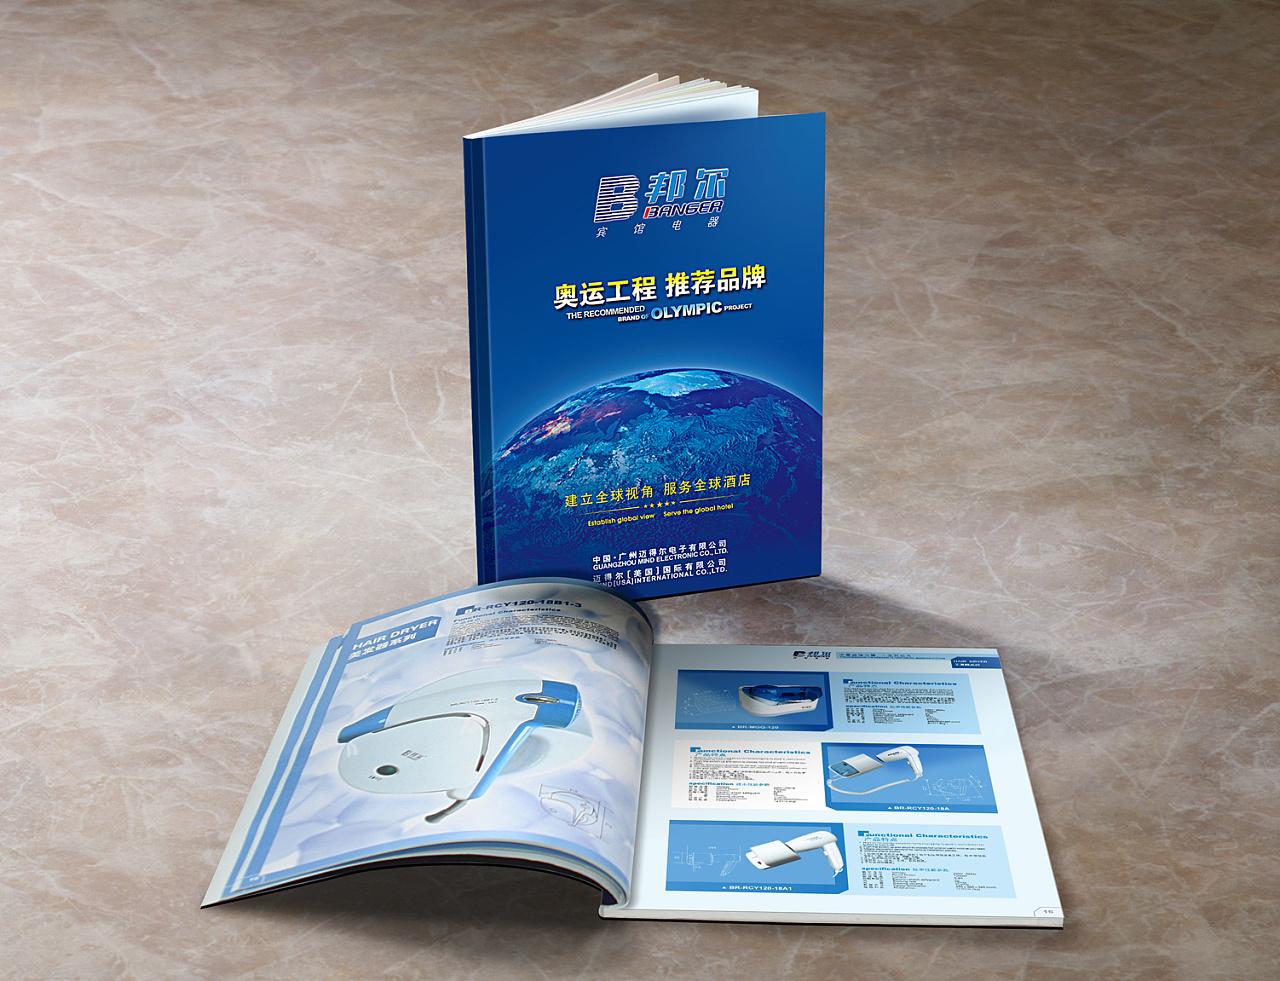 【手提纸包】价格_手提纸包图片 - 京东